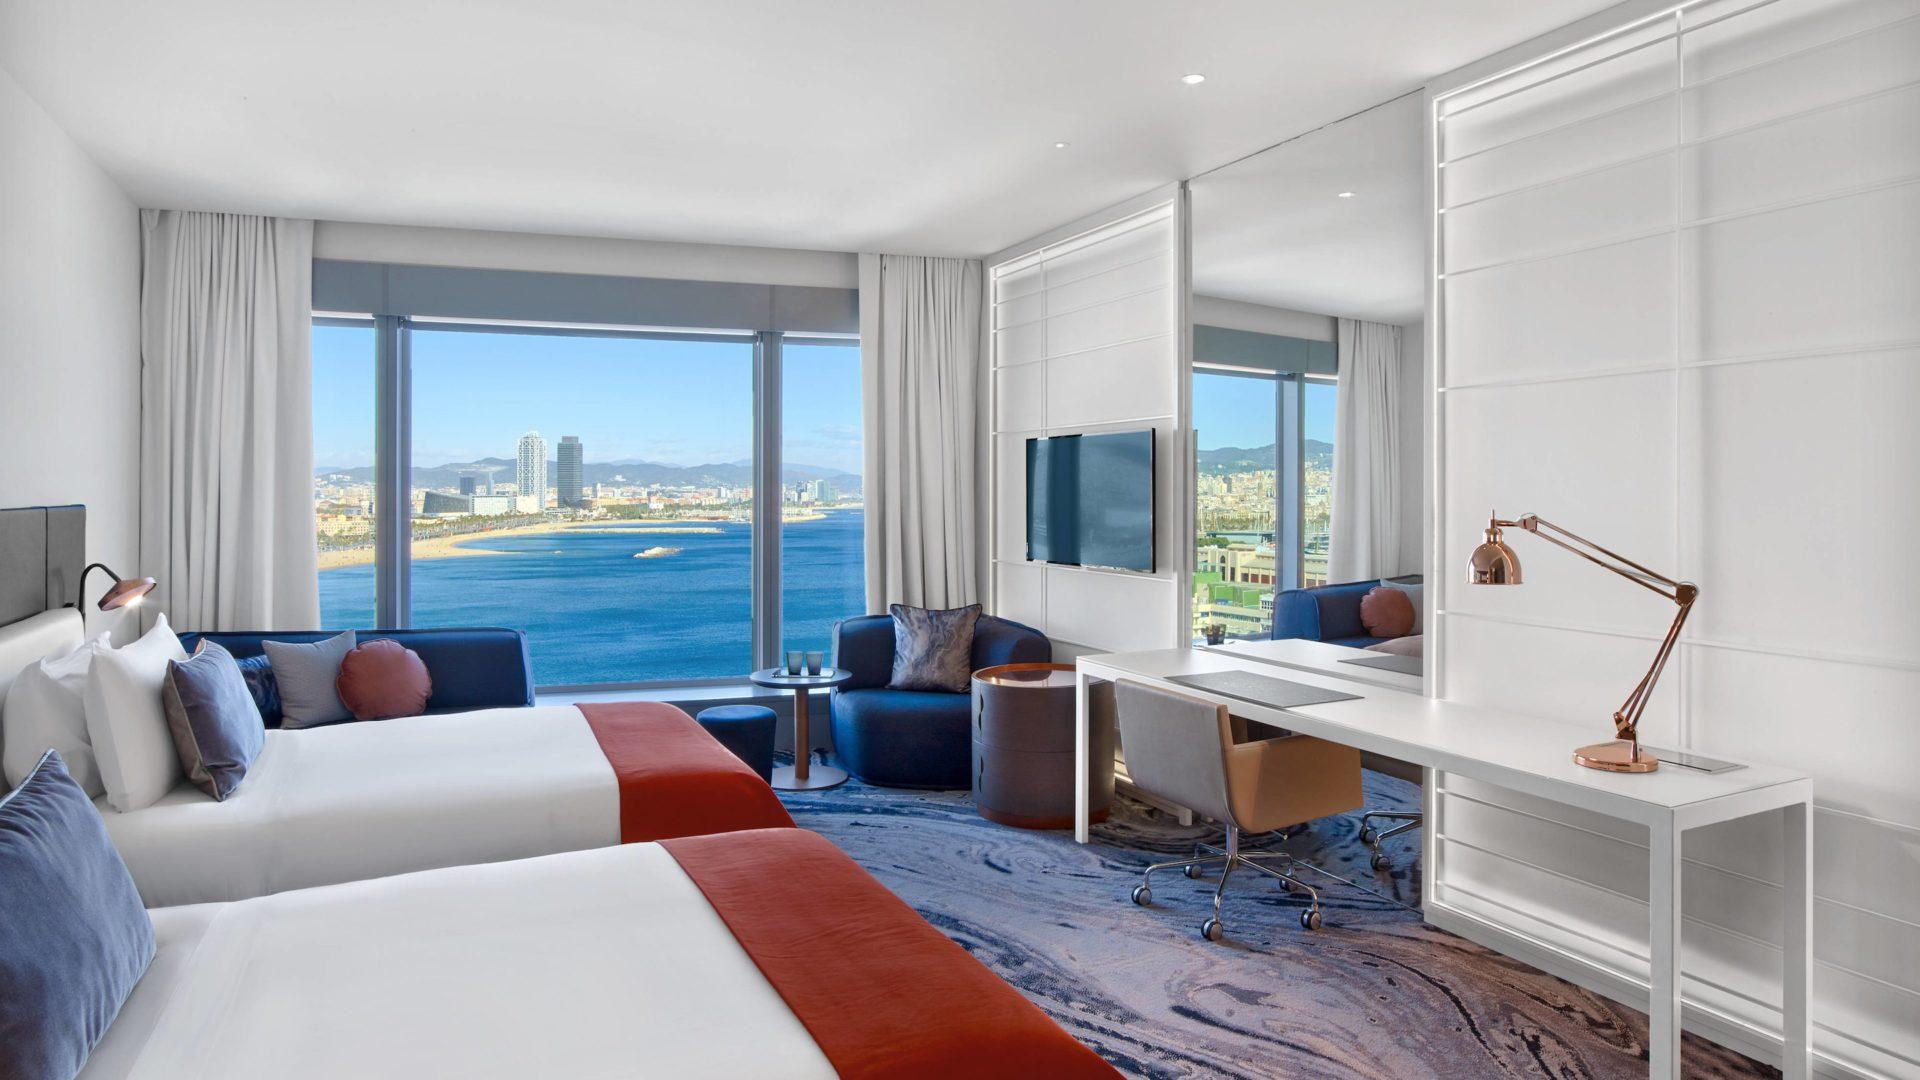 W hotel Barcelona pokoj 2